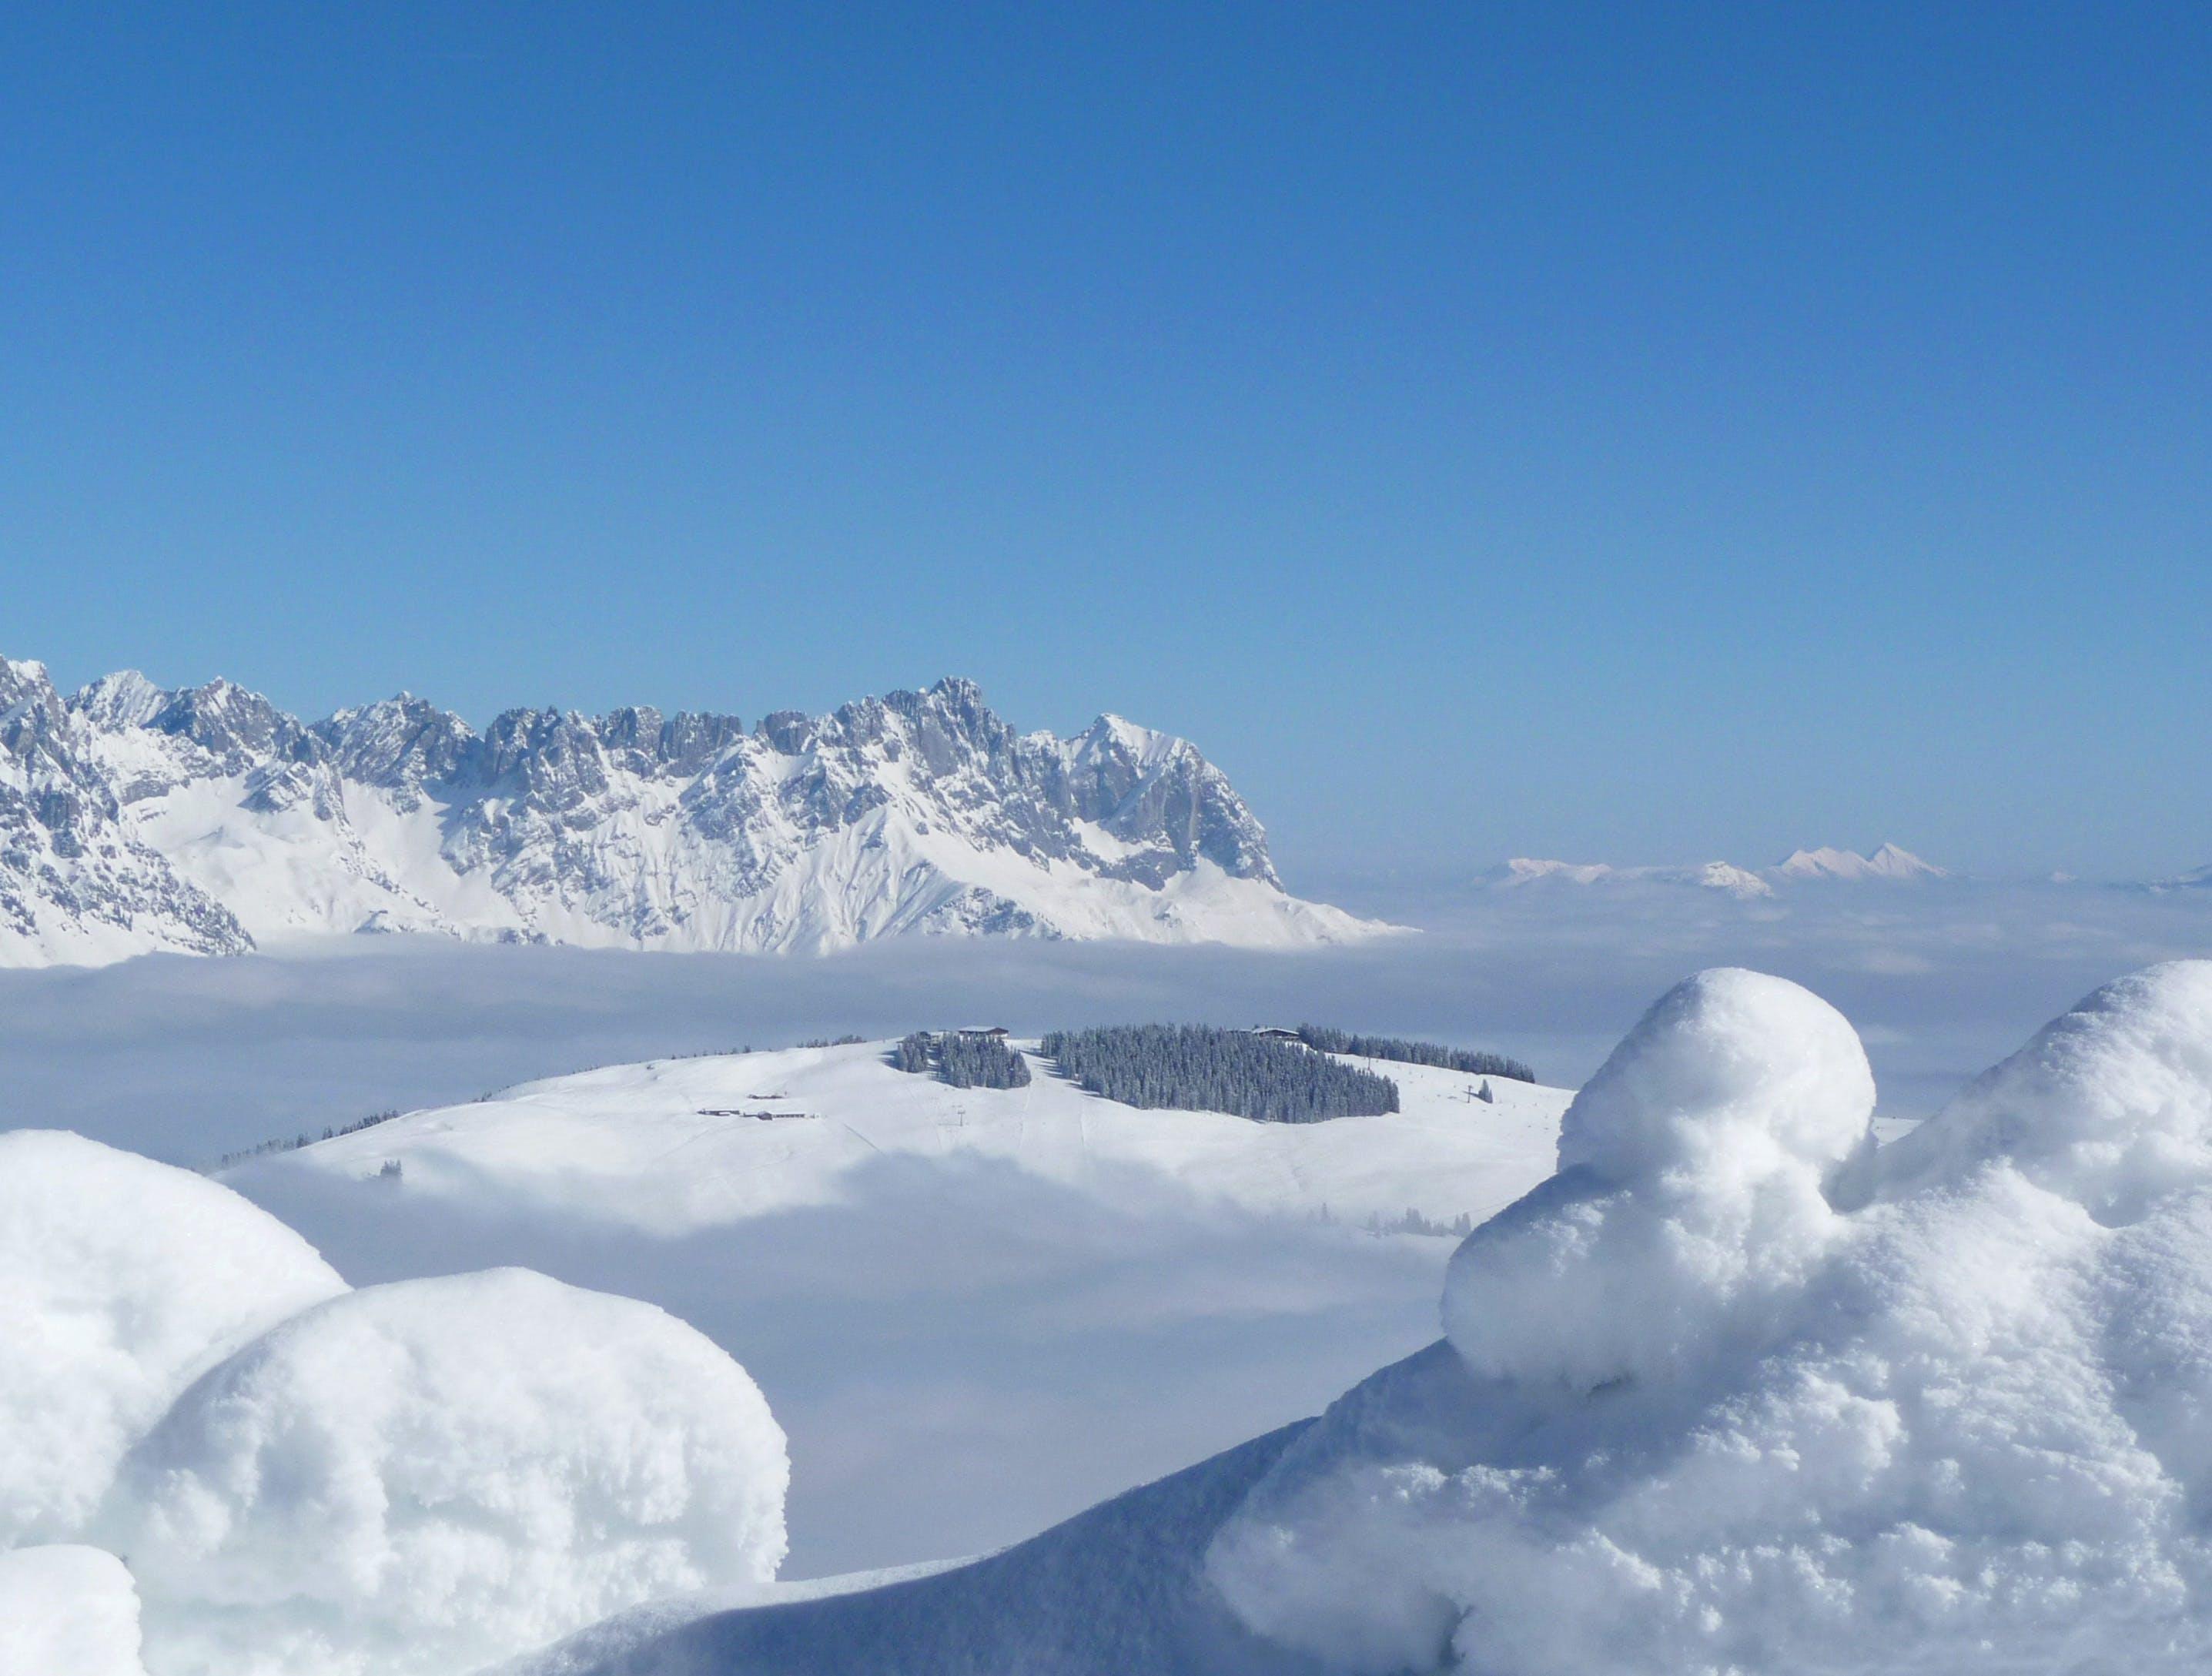 Δωρεάν στοκ φωτογραφιών με αλπικός, βουνό, γραφικός, καιρός